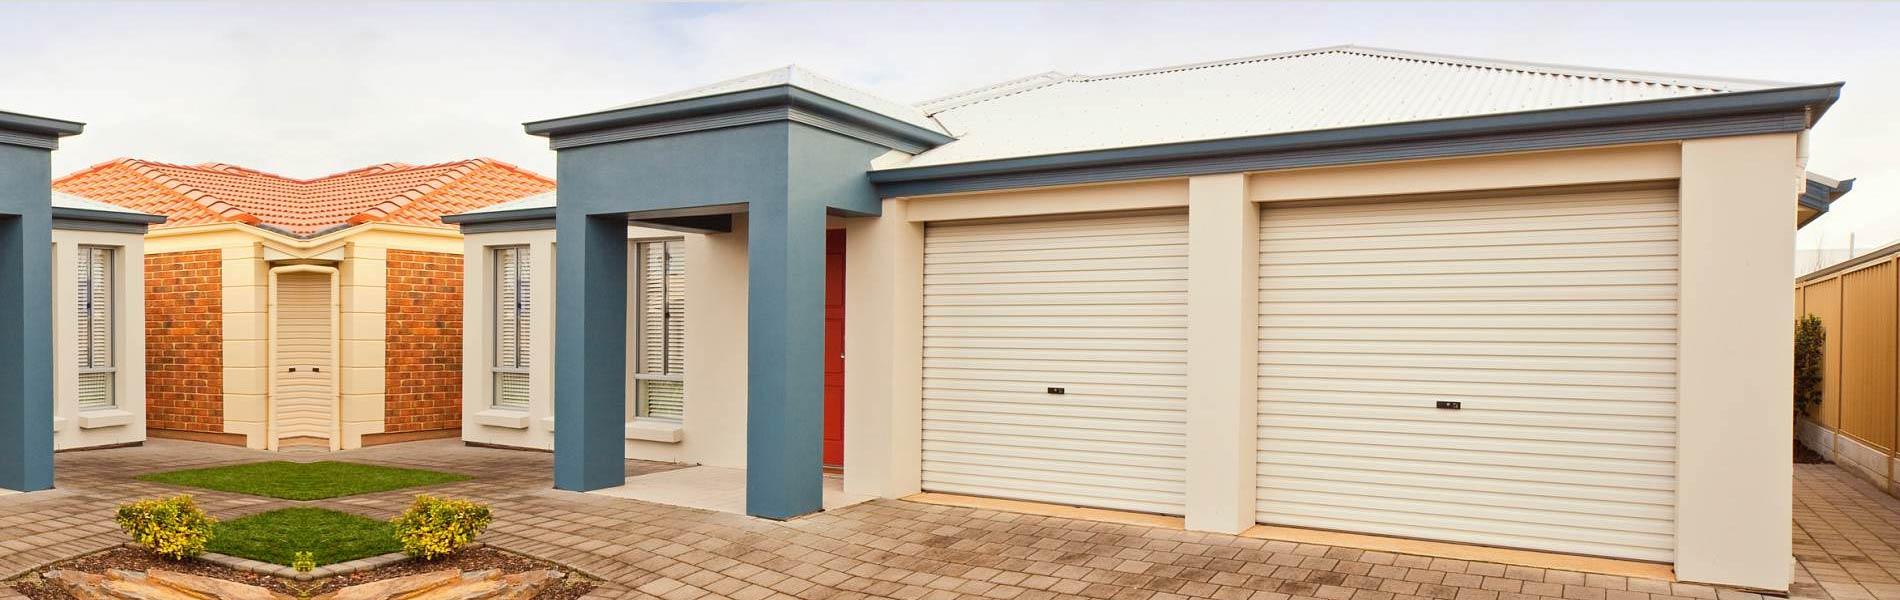 Central garage doors emergency garage door gilbert az 866 central garage doors gilbert az 866 816 3190 rubansaba